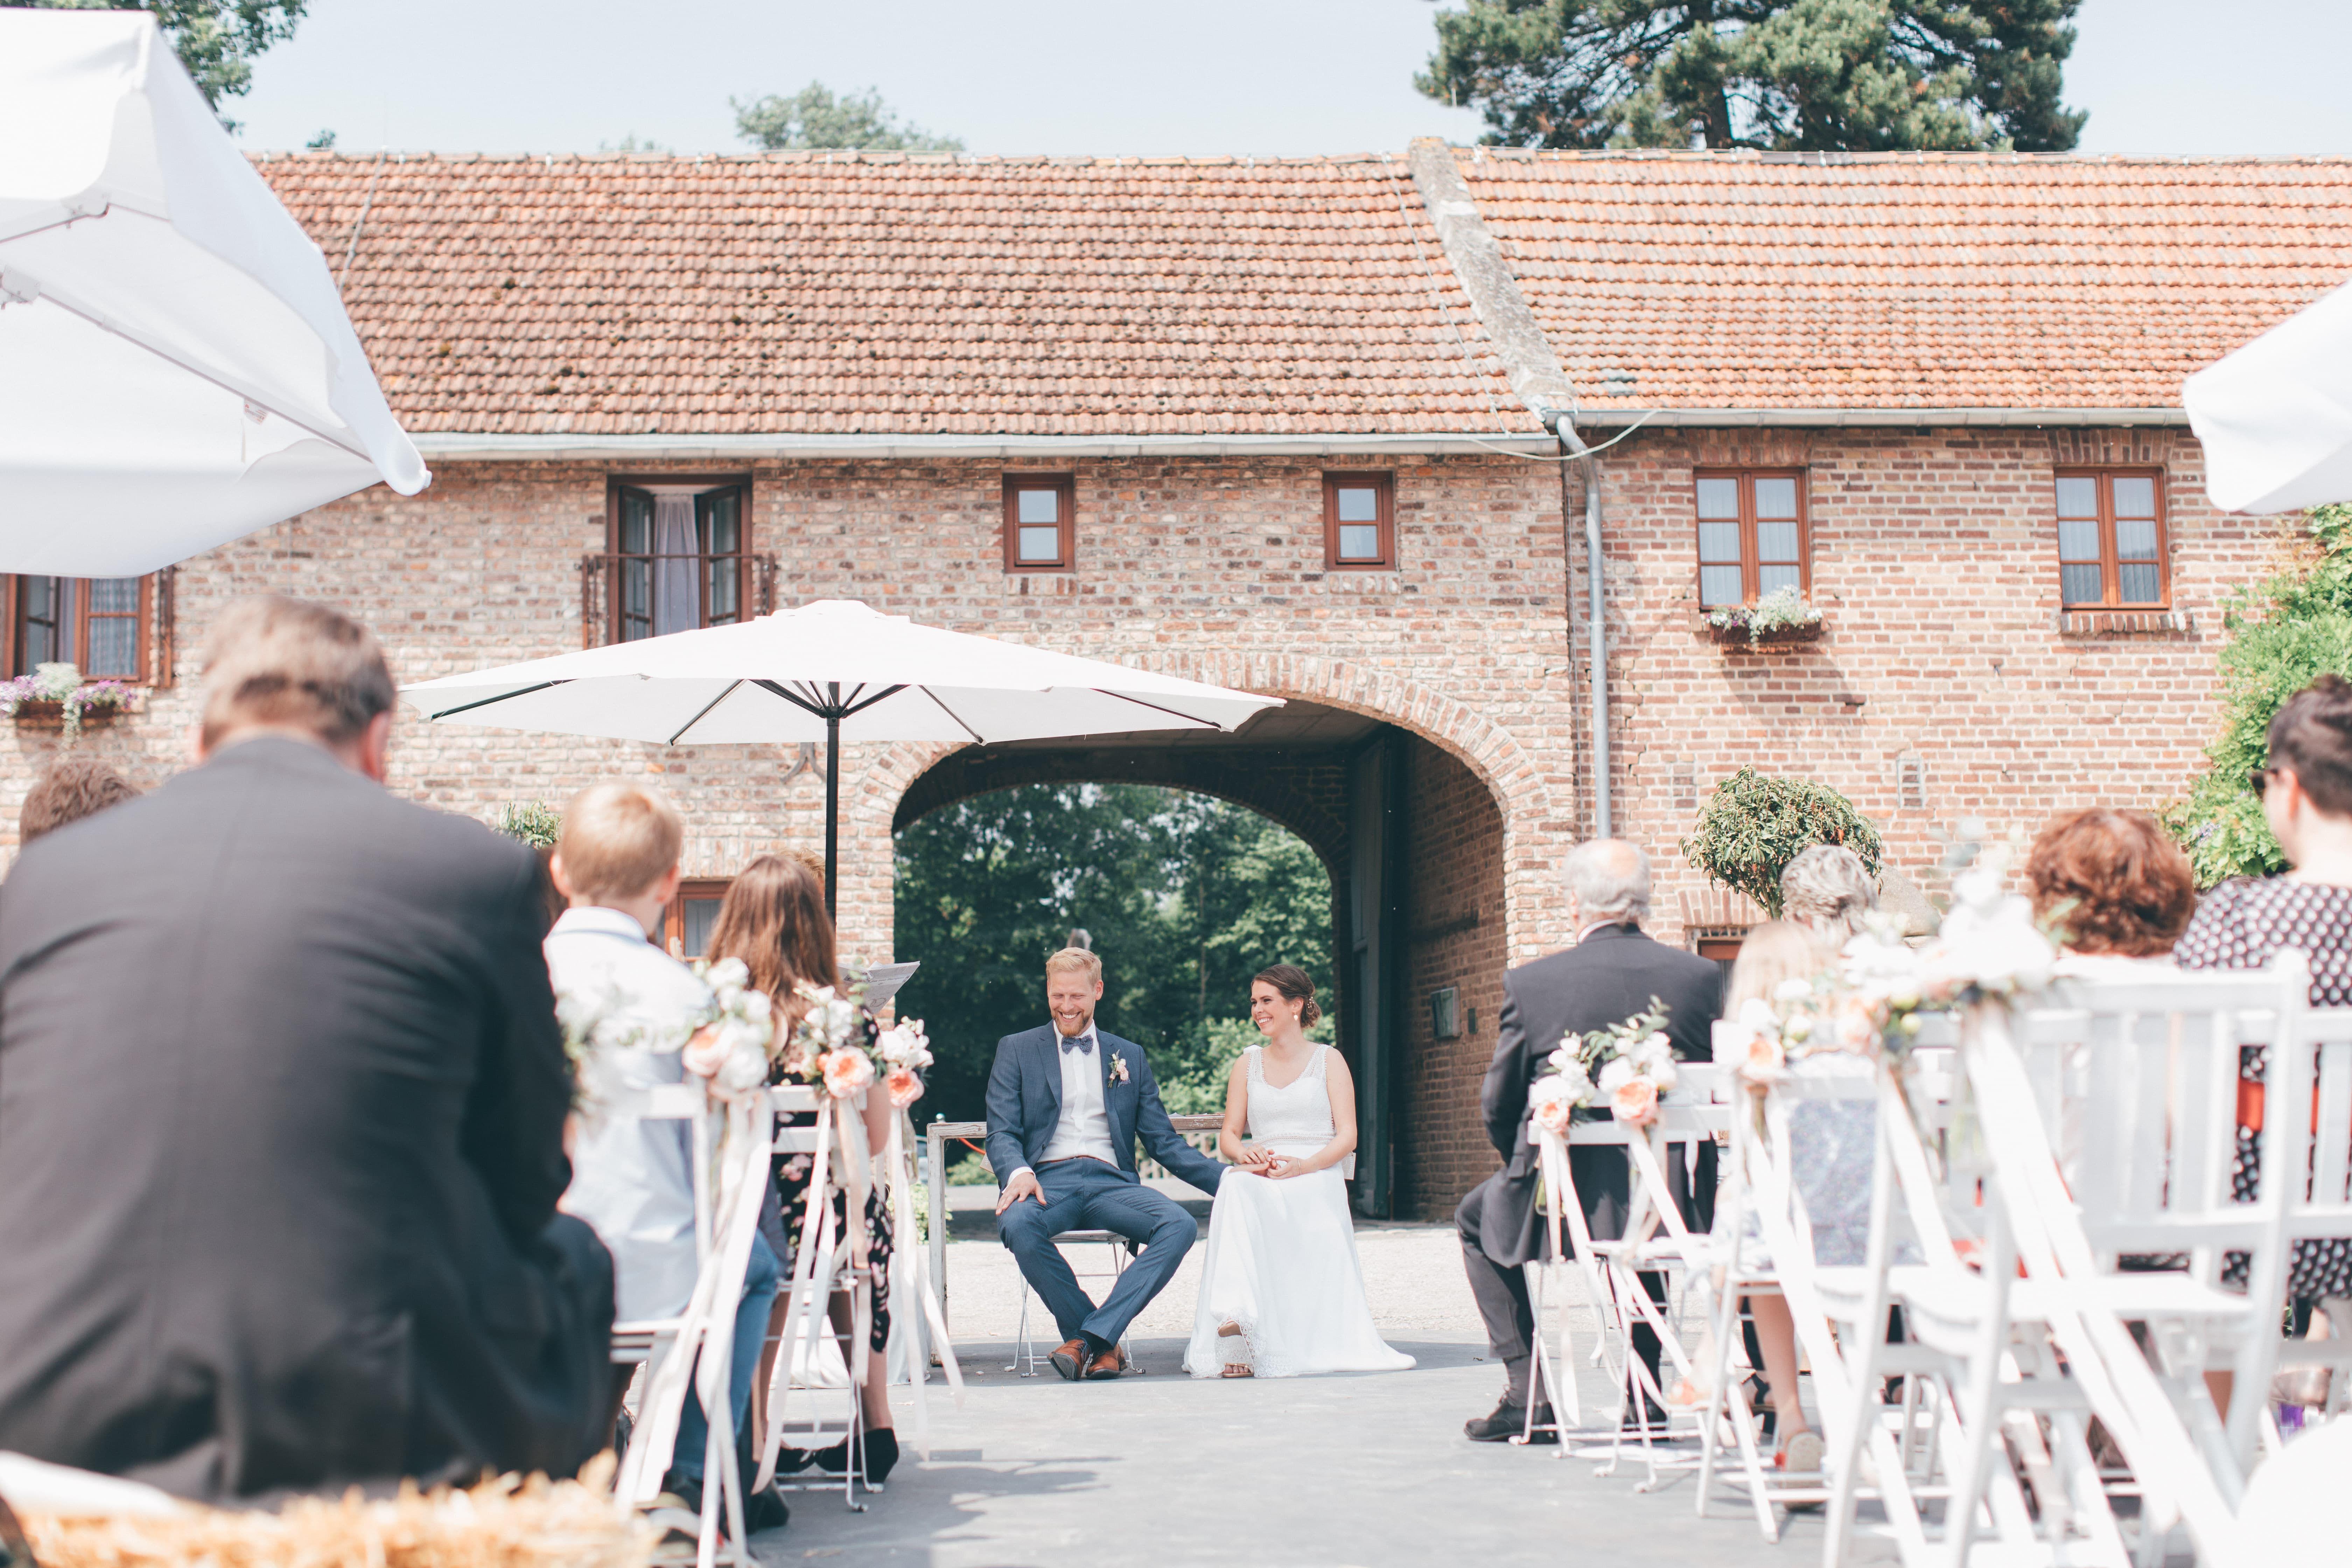 Freie Trauung Gut Hohenholz Ein Super Schones Setting Im Alten Gehoft L Foto Jeannine Alfes L Hochzeit Freietrauu Hochzeit Hochzeitspartys Hochzeitsmesse